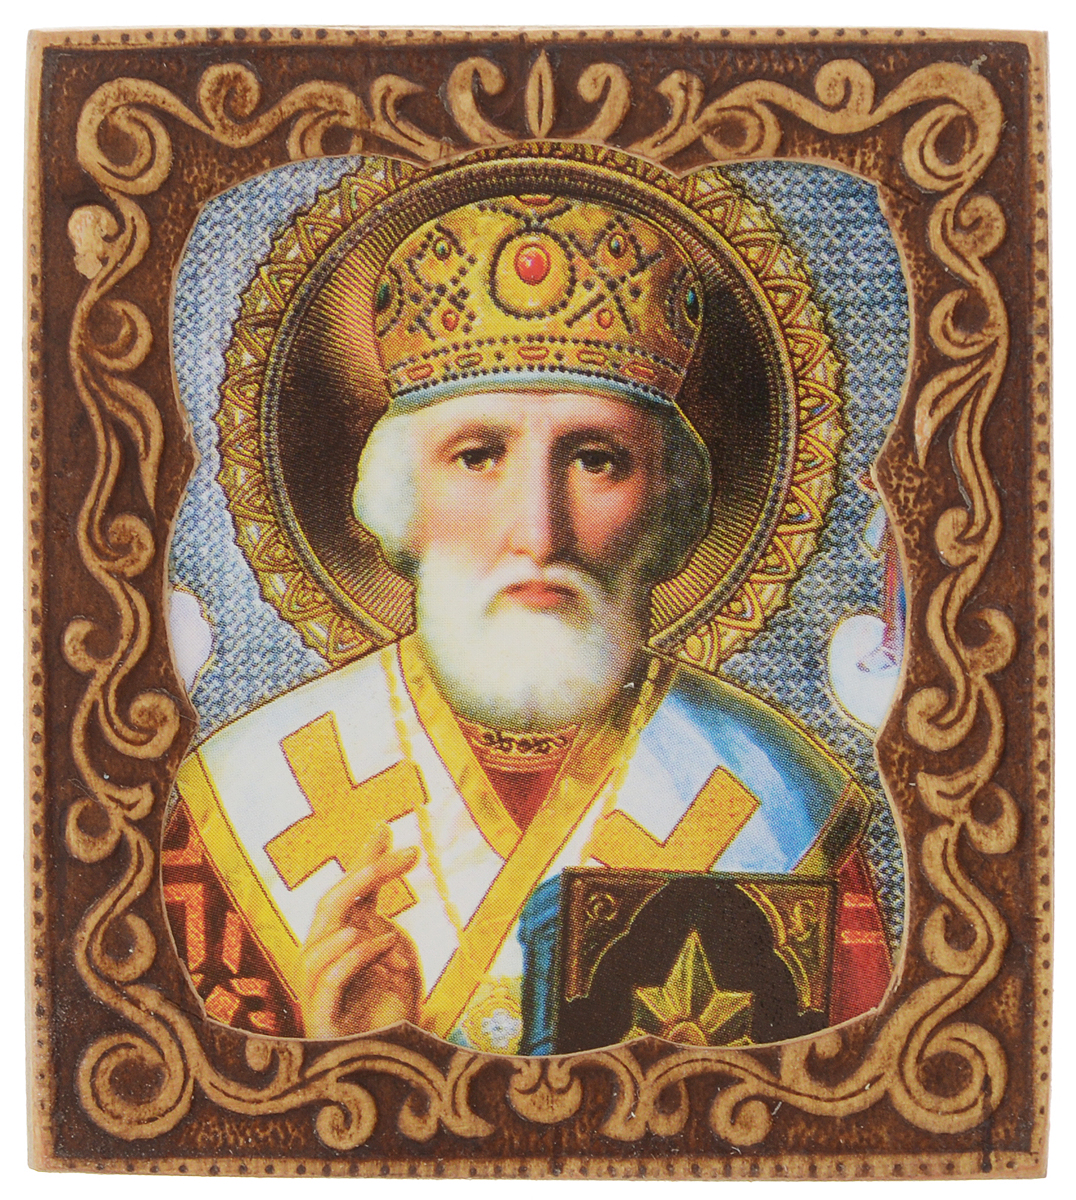 Икона Sima-land Святой Николай Чудотворец, 6 х 6,5 смHL-777A60Икона Sima-land Святой Николай Чудотворец изготовлена из бересты. Легкая и миниатюрная, такая икона будет прекрасным подарком с духовной составляющей.